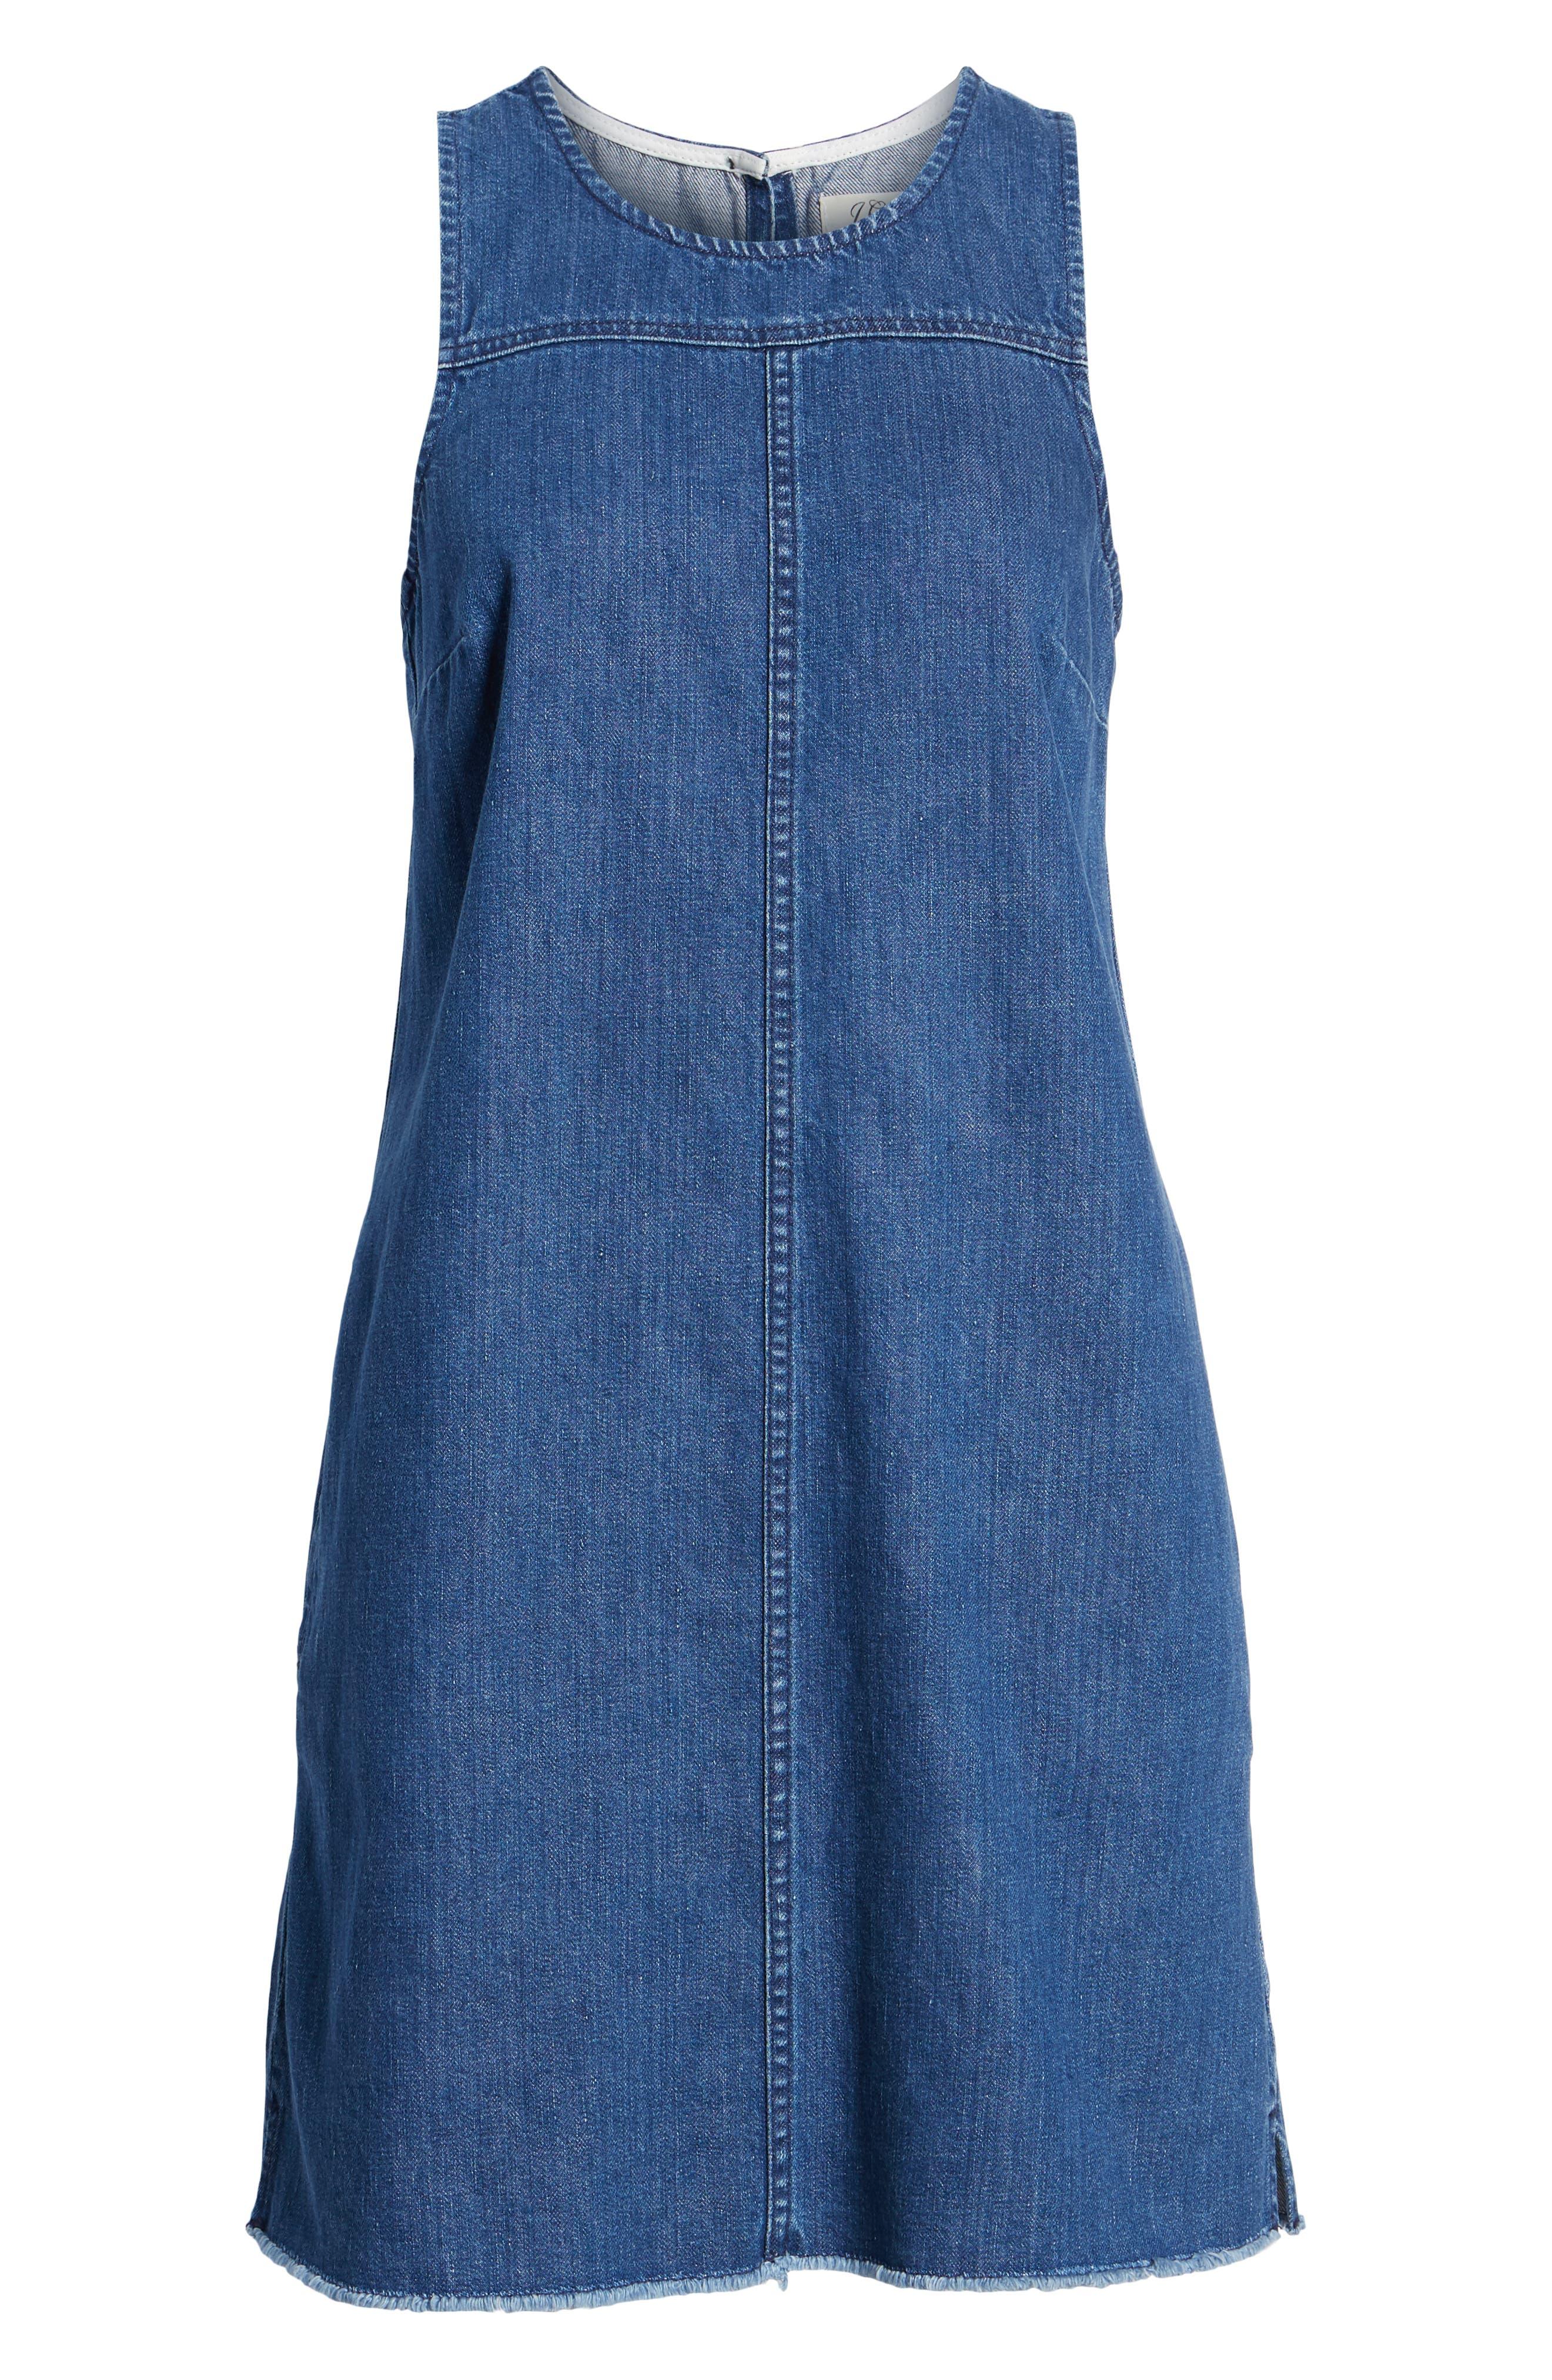 Raw Edge Hem Denim Shift Dress,                             Alternate thumbnail 6, color,                             York Wash